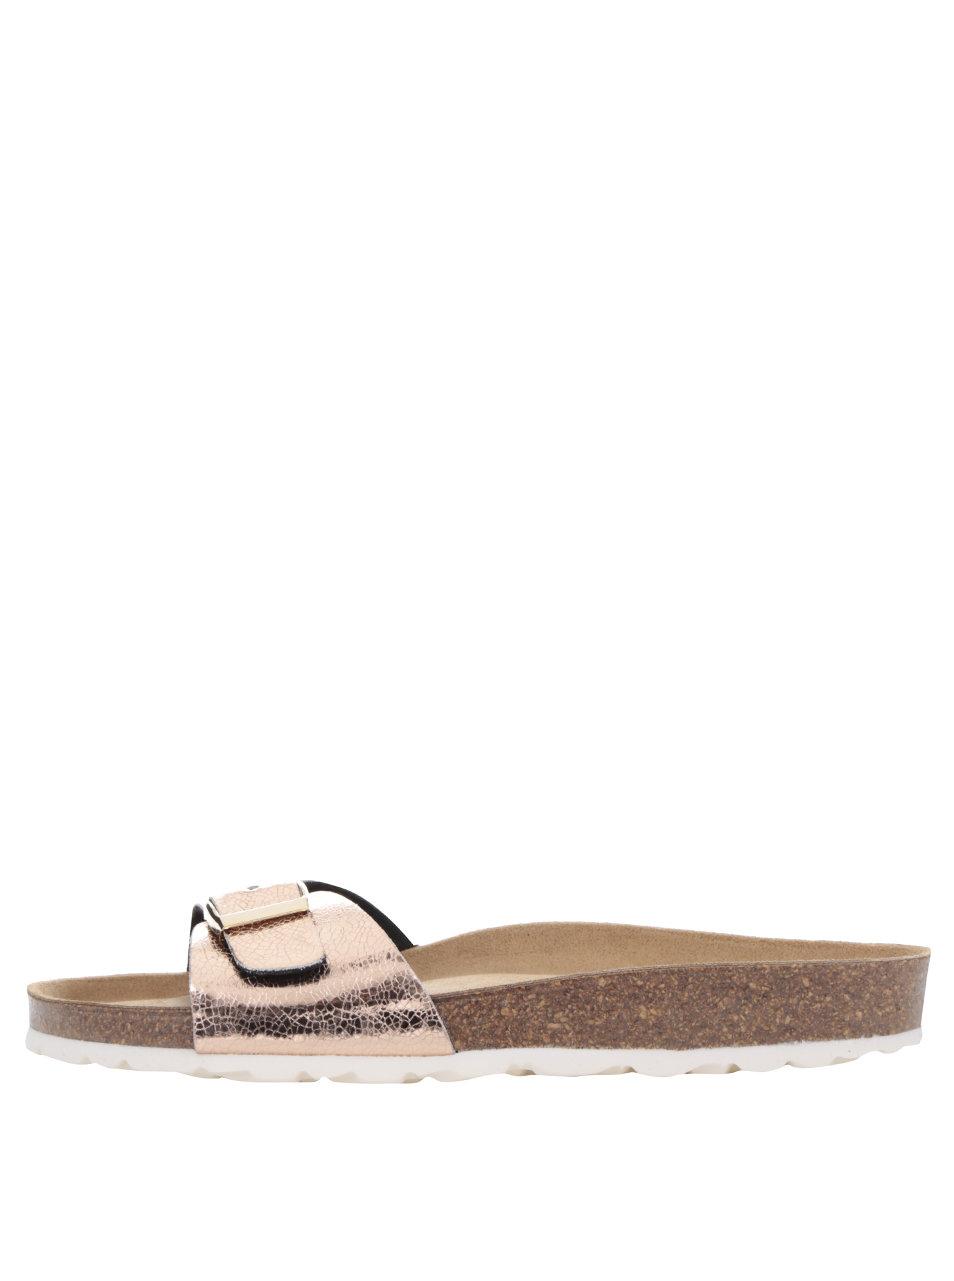 d7771b672a2f Ružové dámske lesklé topánky OJJU ...